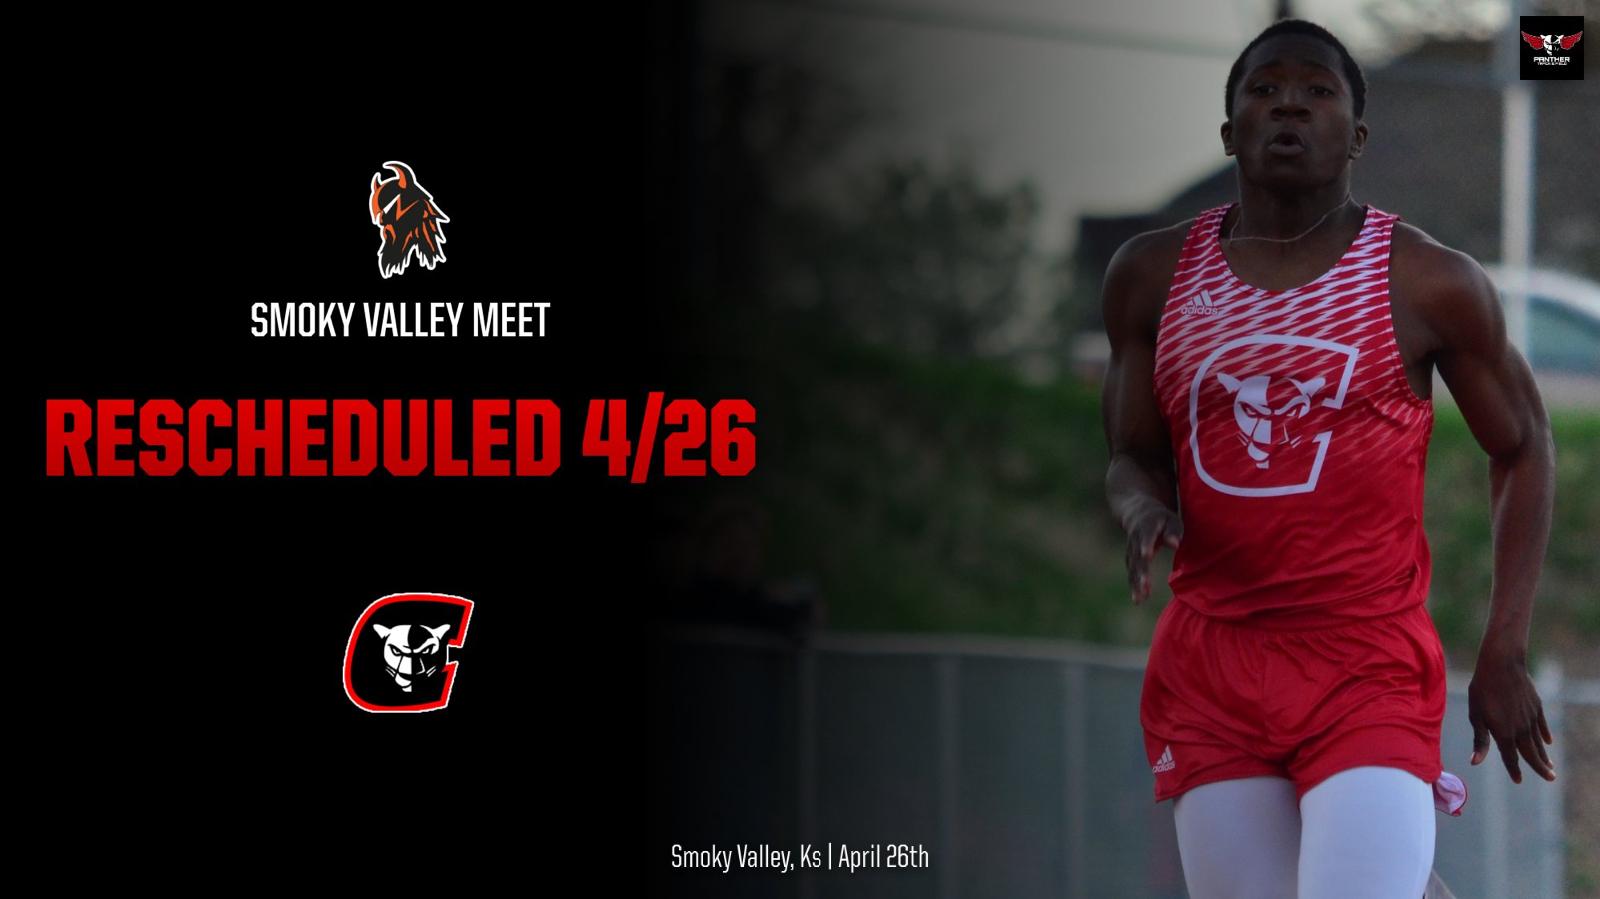 Smoky Valley Meet Rescheduled